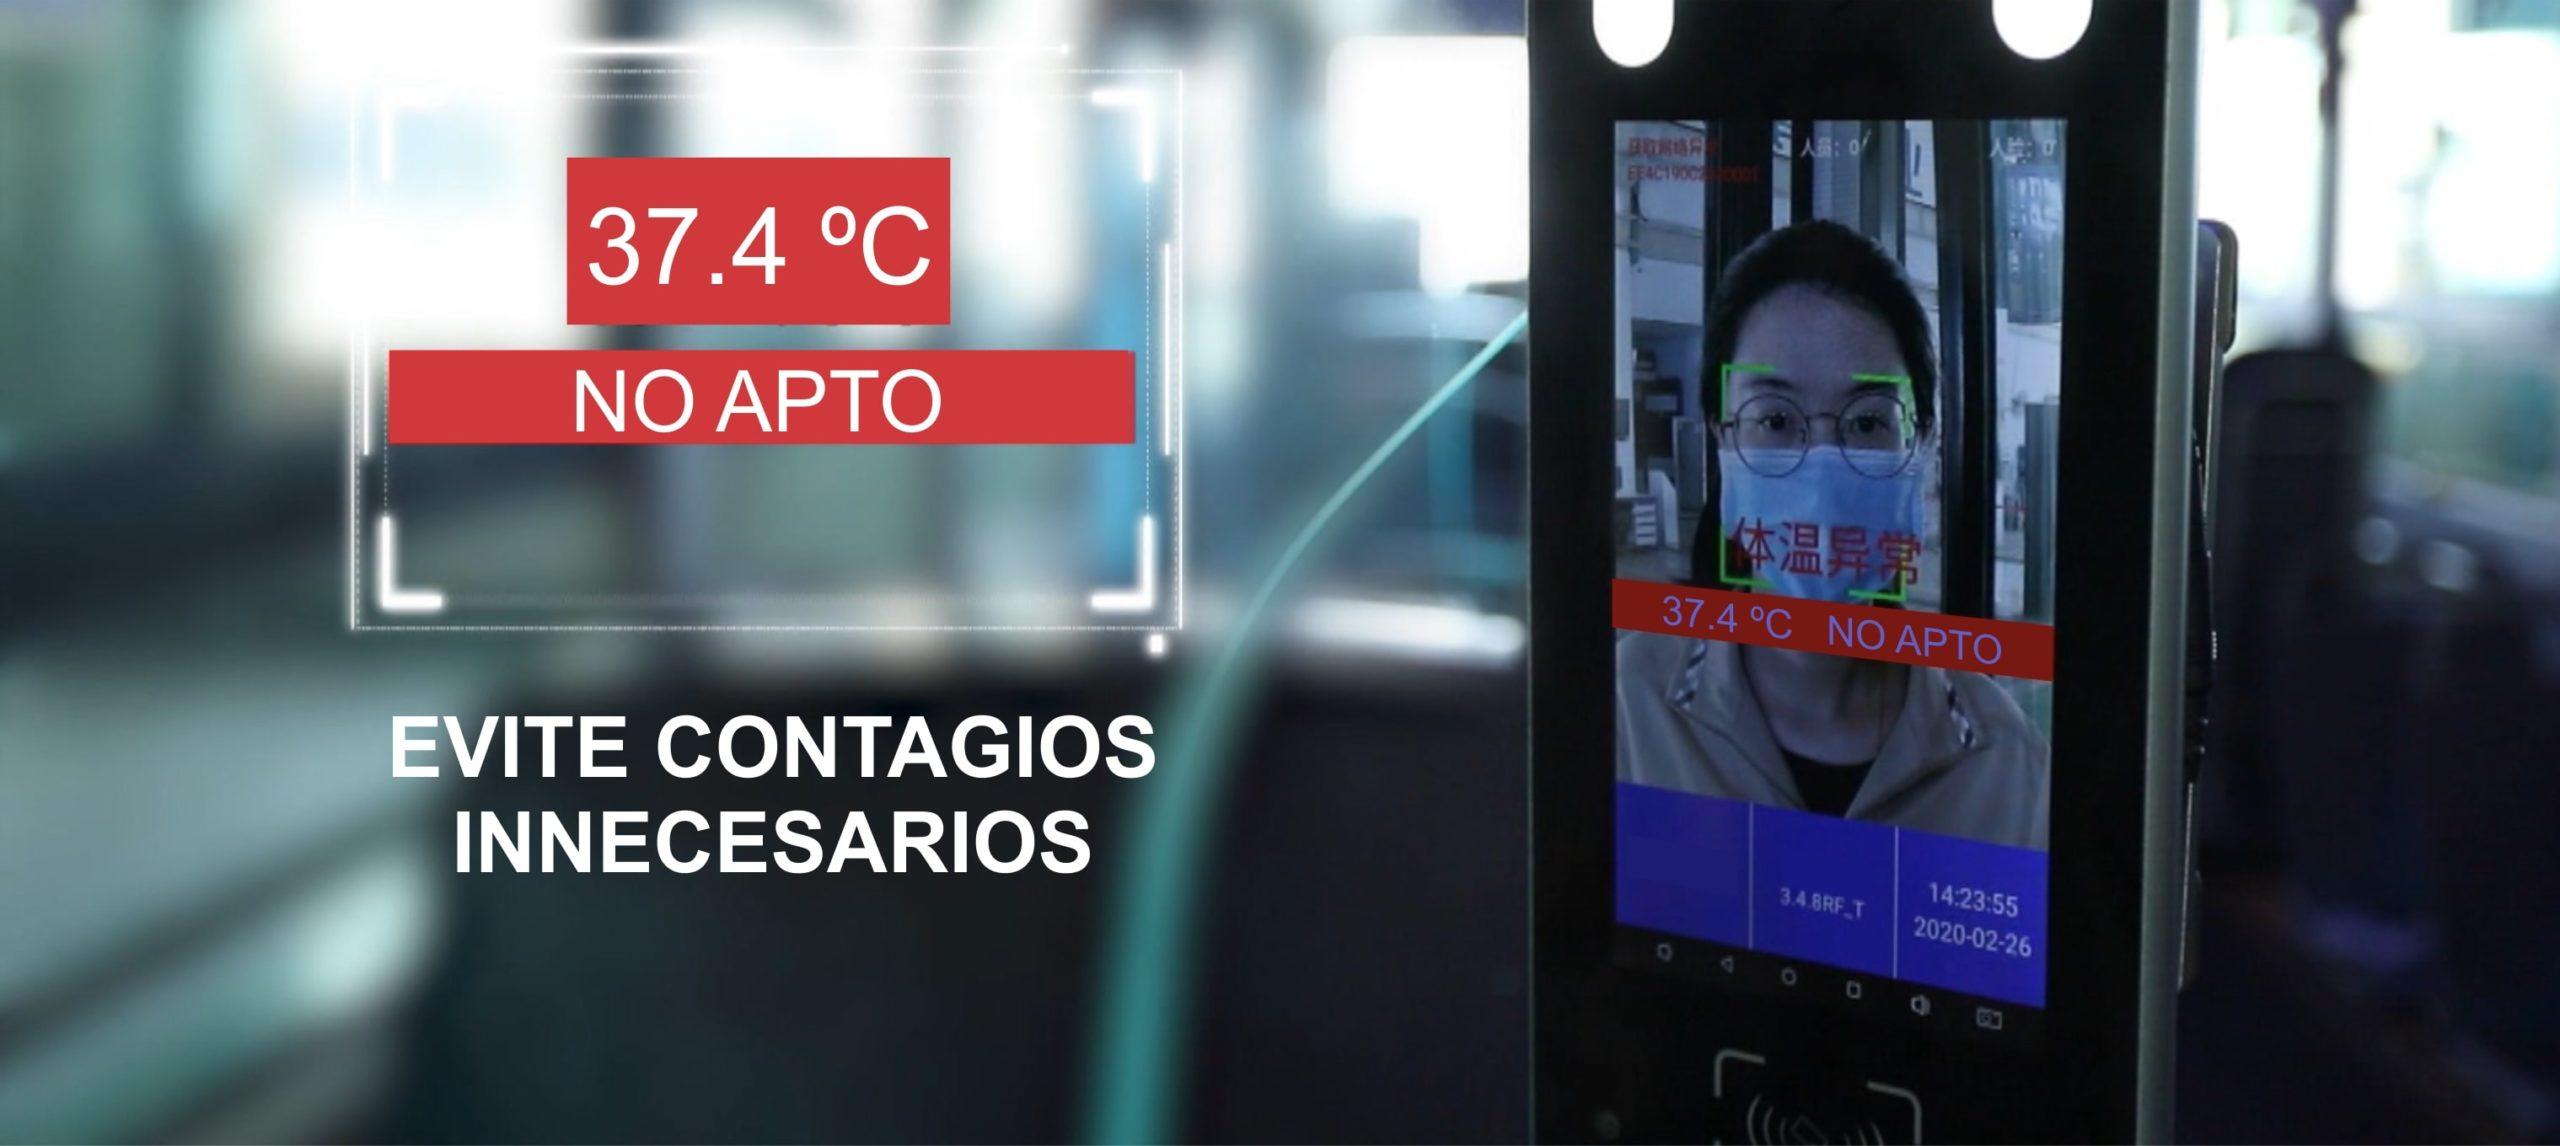 MEDIR TEMPERATURA CORPORAL EN TRANSPORTE PÚBLICO